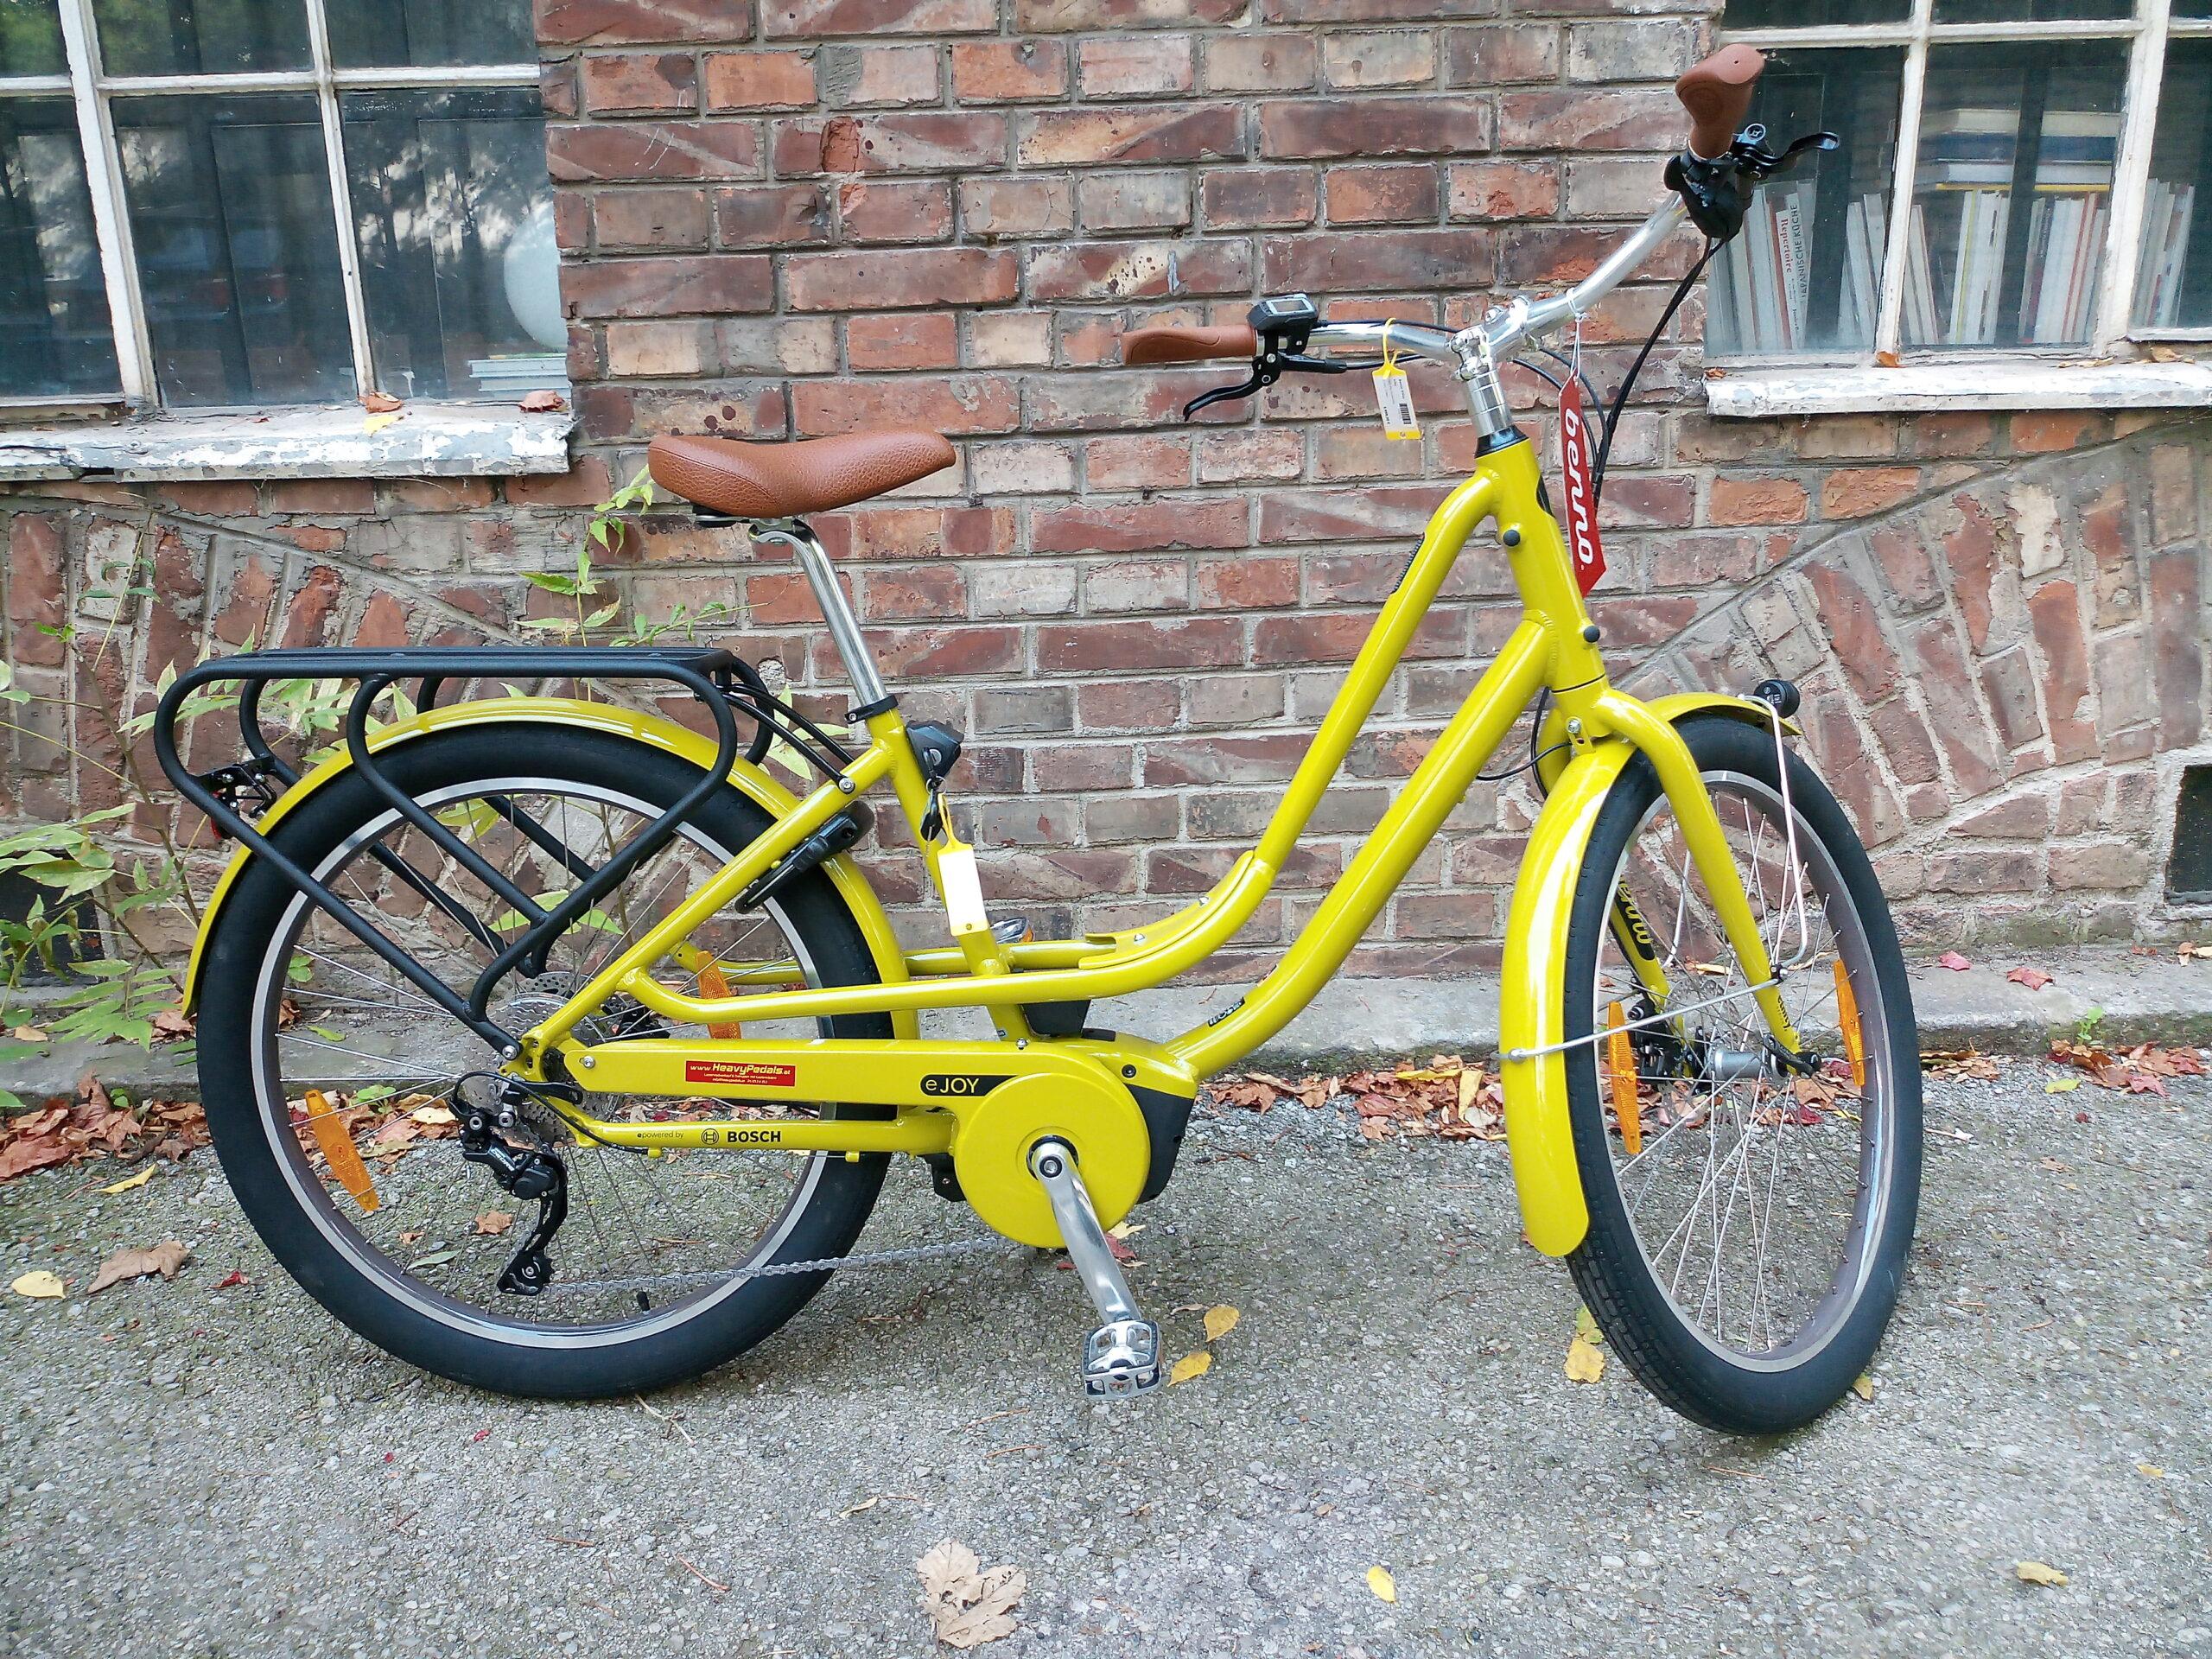 Benno eJoy Lastenrad kaufen bei Heavy Pedals in Wien